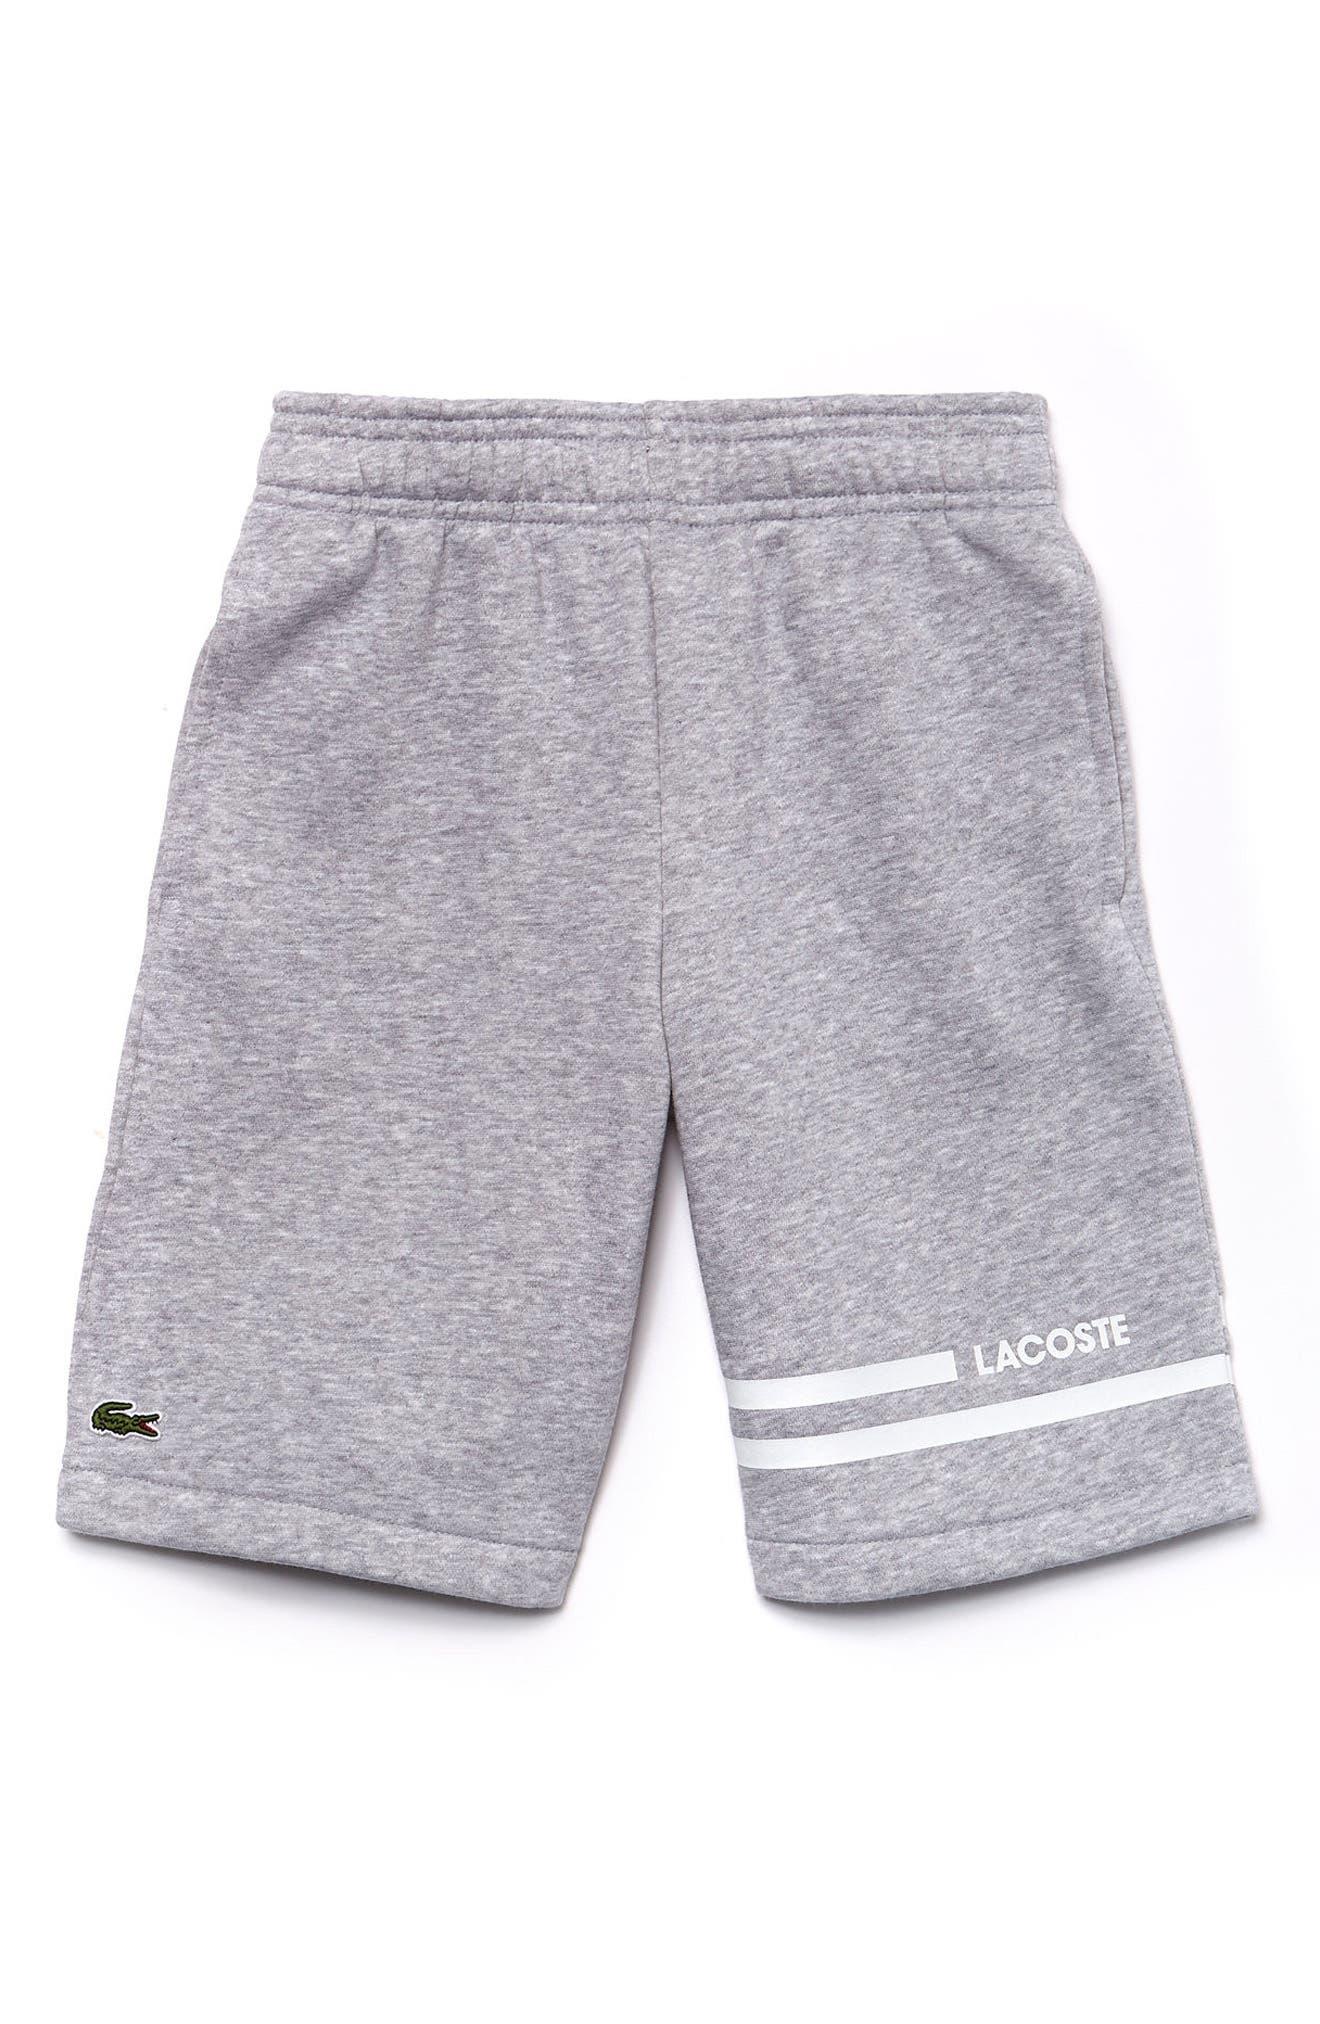 Sport Knit Shorts,                             Main thumbnail 1, color,                             020